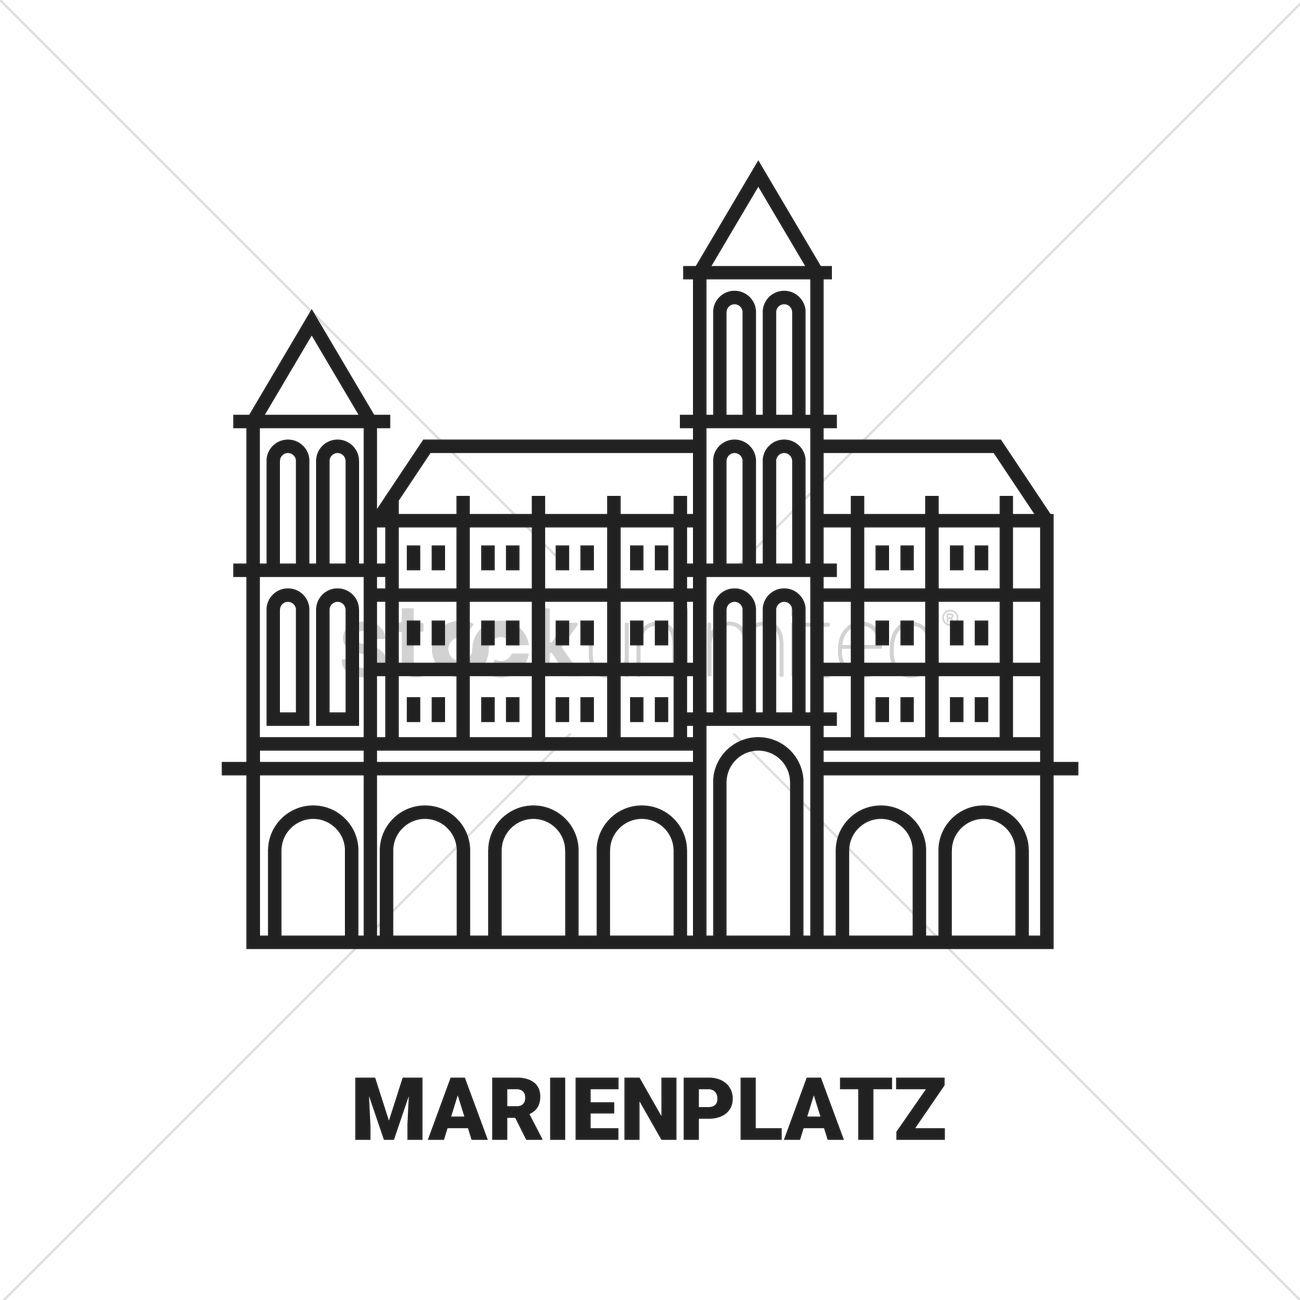 Marienplatz Vector Image.